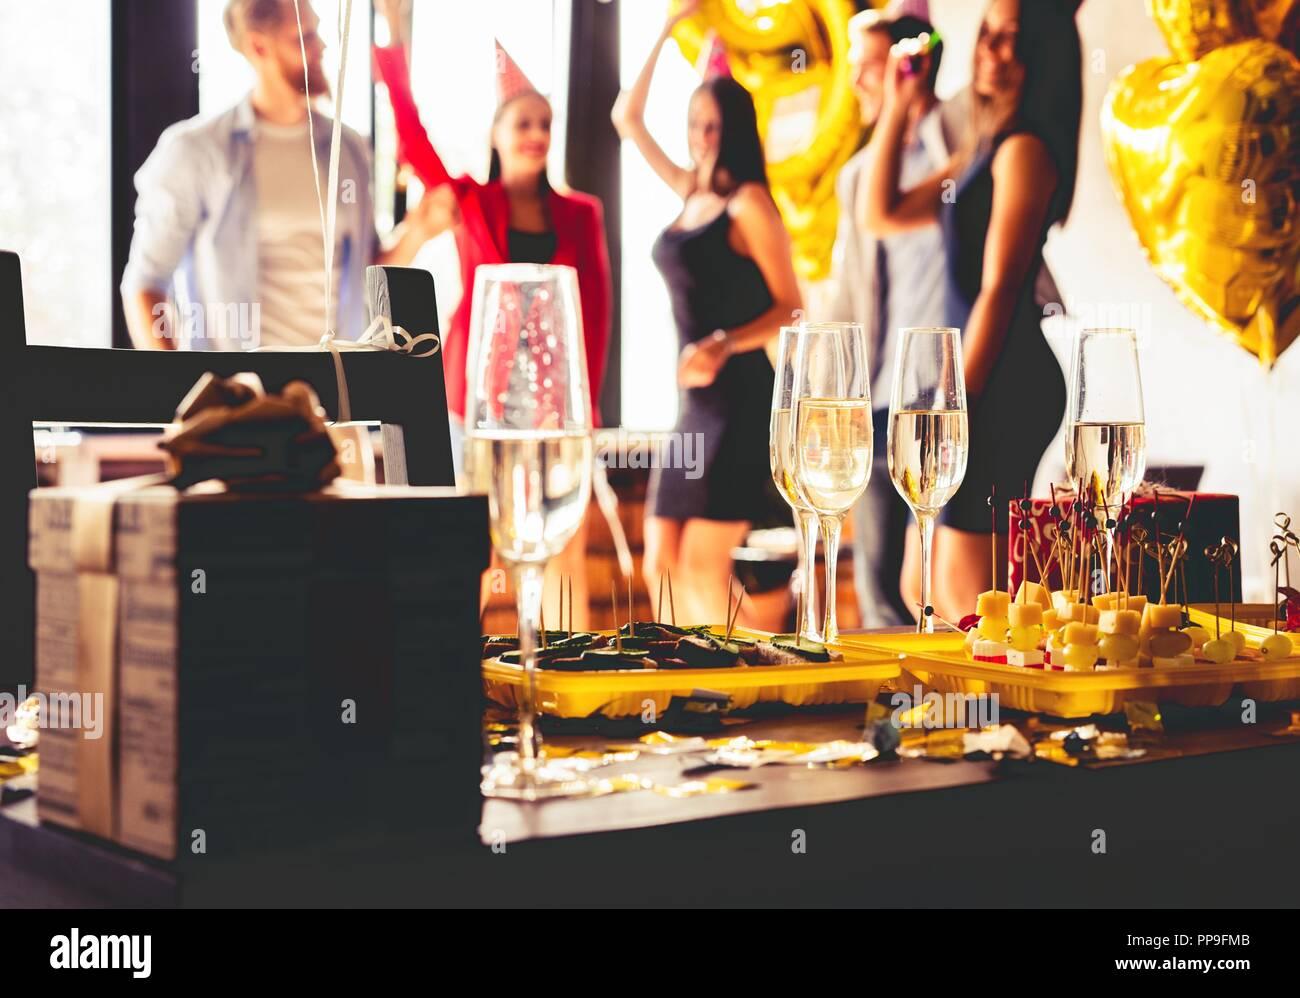 Frühstücksbuffet Abendessen essen Feier Party Konzept. Stockbild